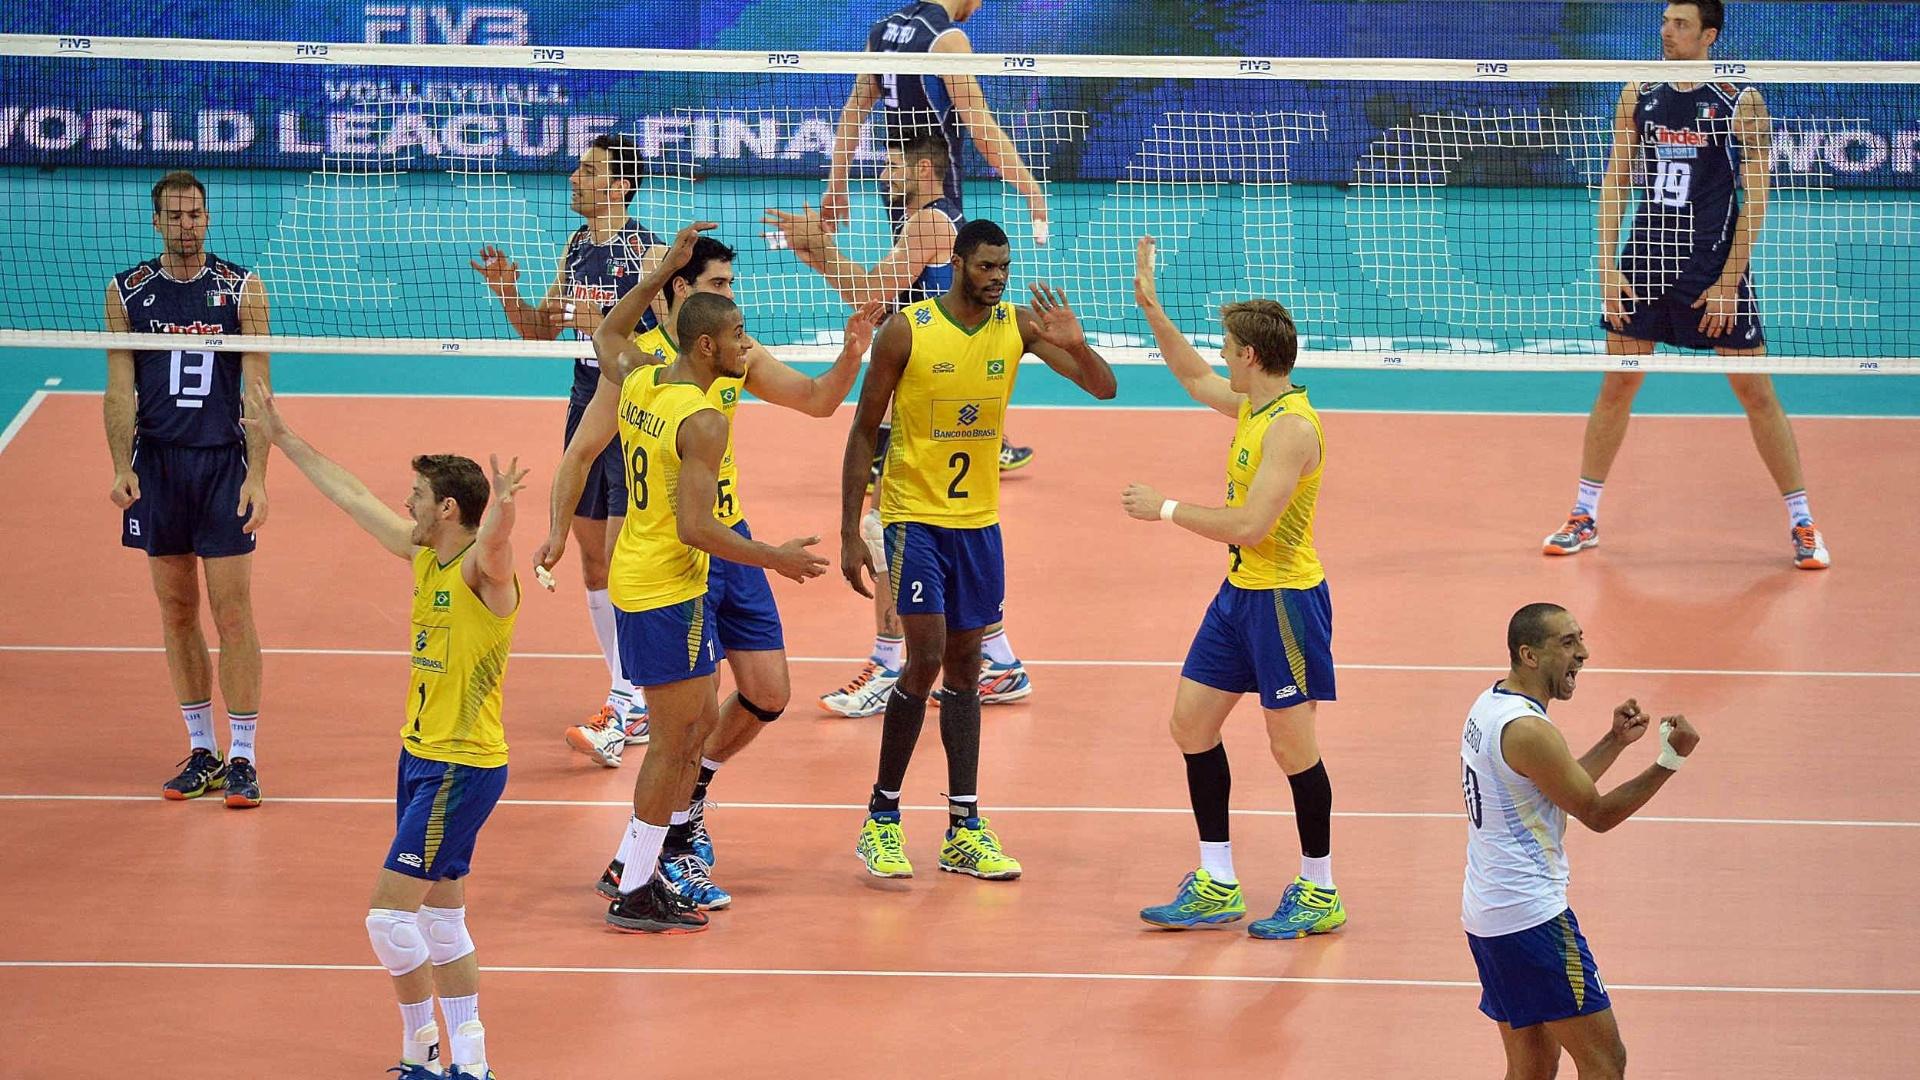 Brasil comemora ponto durante a partida contra a Itália na Liga Mundial de Vôlei